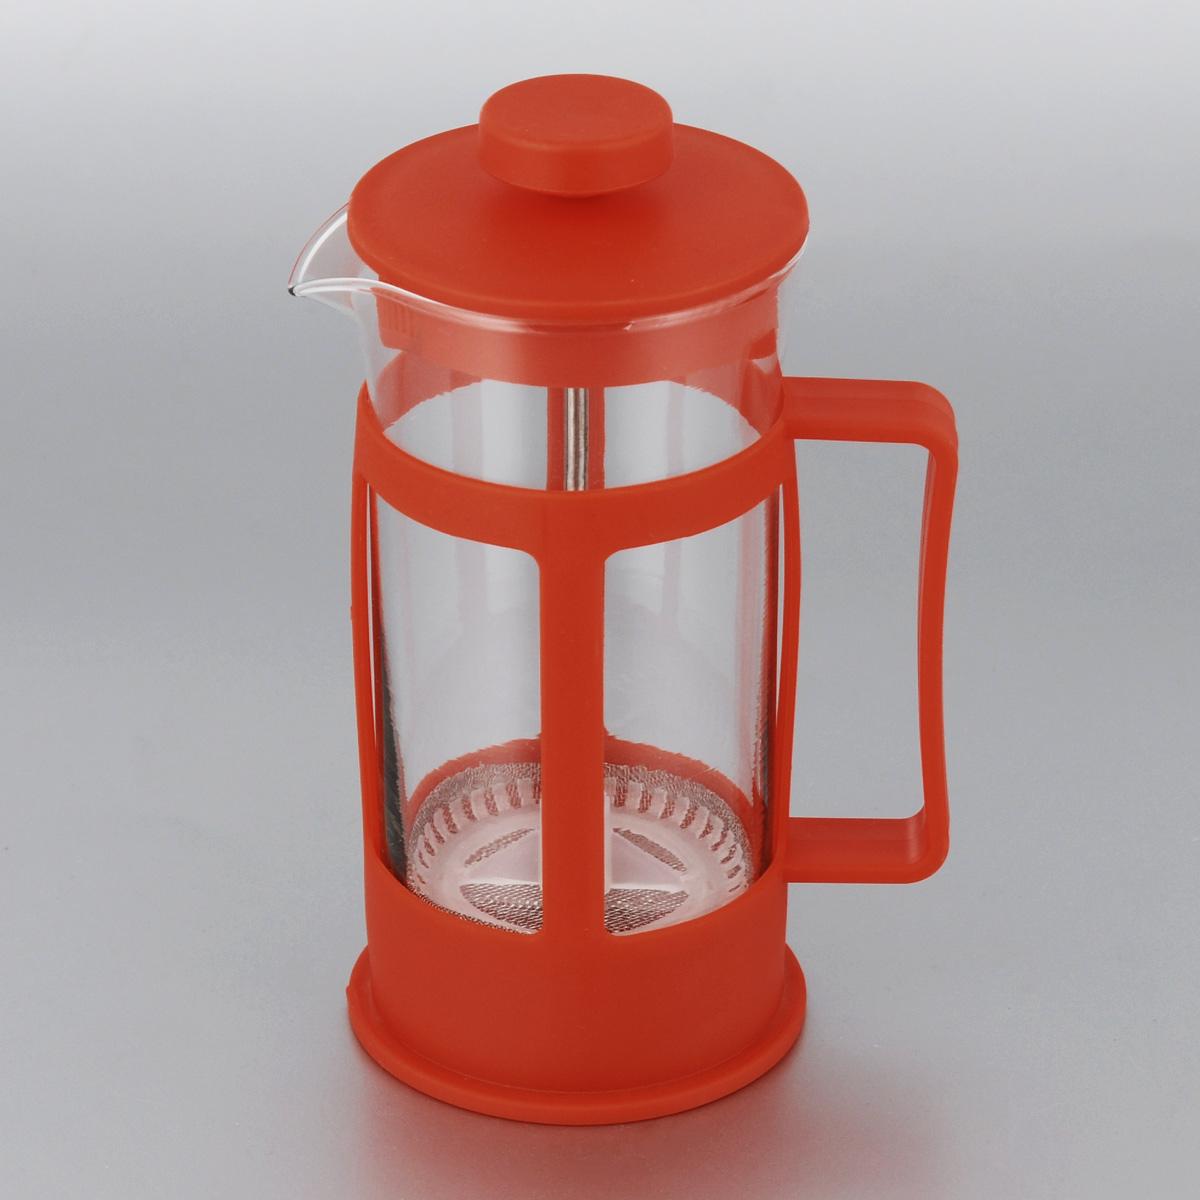 Кофейник МФК-профит, цвет: красный, 300 мл300B-1Френч-пресс МФК-профит поможет приготовитьвкусный и ароматный чай или кофе. Корпусвыполнен из высококачественного термостойкогопластика, а колба - из жаропрочногоборосиликатного стекла. Чайник снабжен фильтромиз метала с пластиковым элементом и удобнойручкой. Не рекомендуется использовать впосудомоечной машине и в микроволновой печи. Диаметр (по верхнему краю): 7 см.Высота чайника (без учета крышки): 14 см.